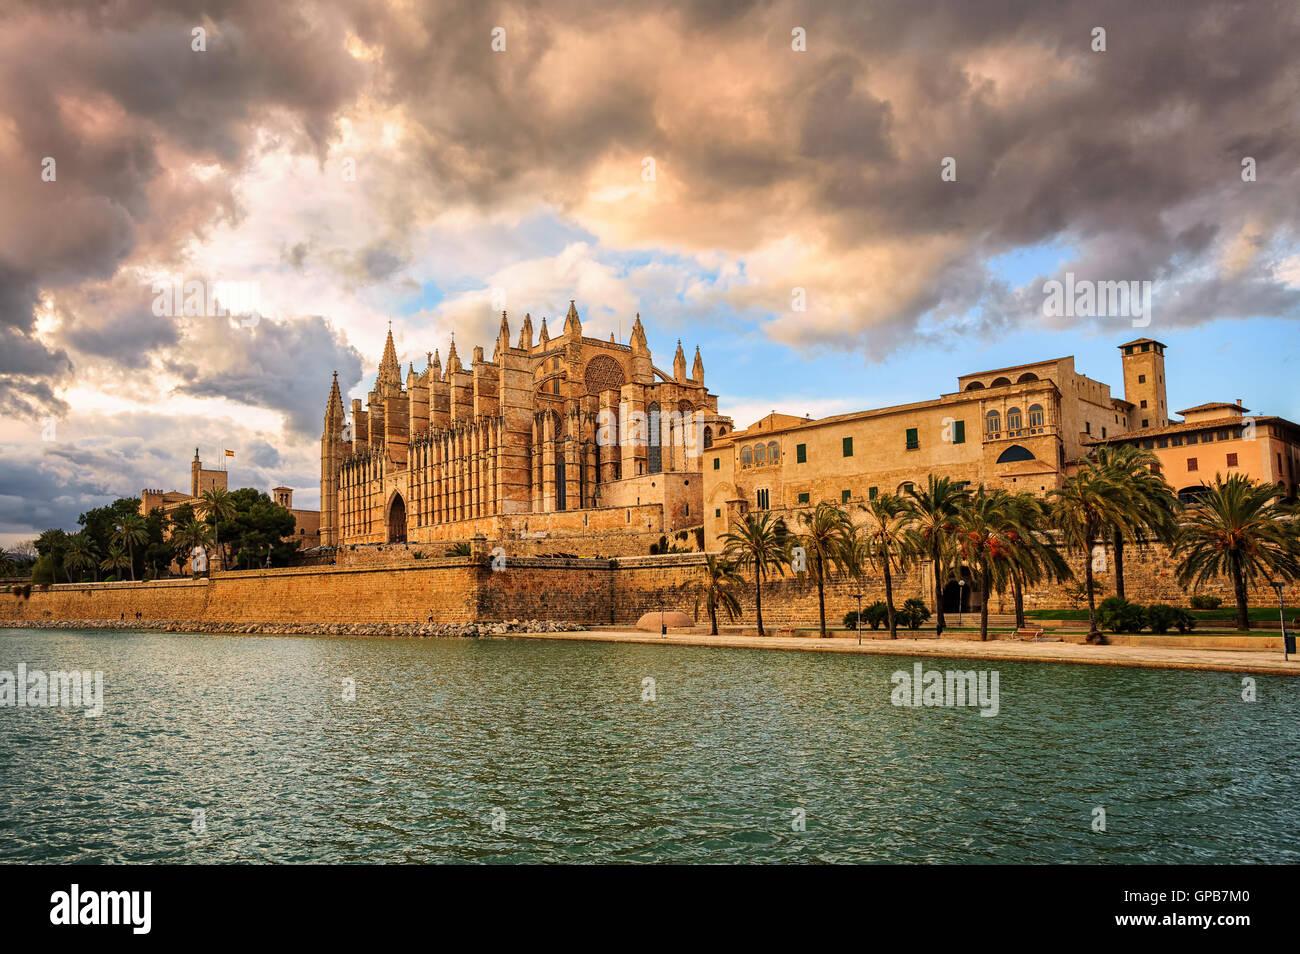 Atardecer en La Seu gótico medieval, la catedral de Palma de Mallorca, España Imagen De Stock